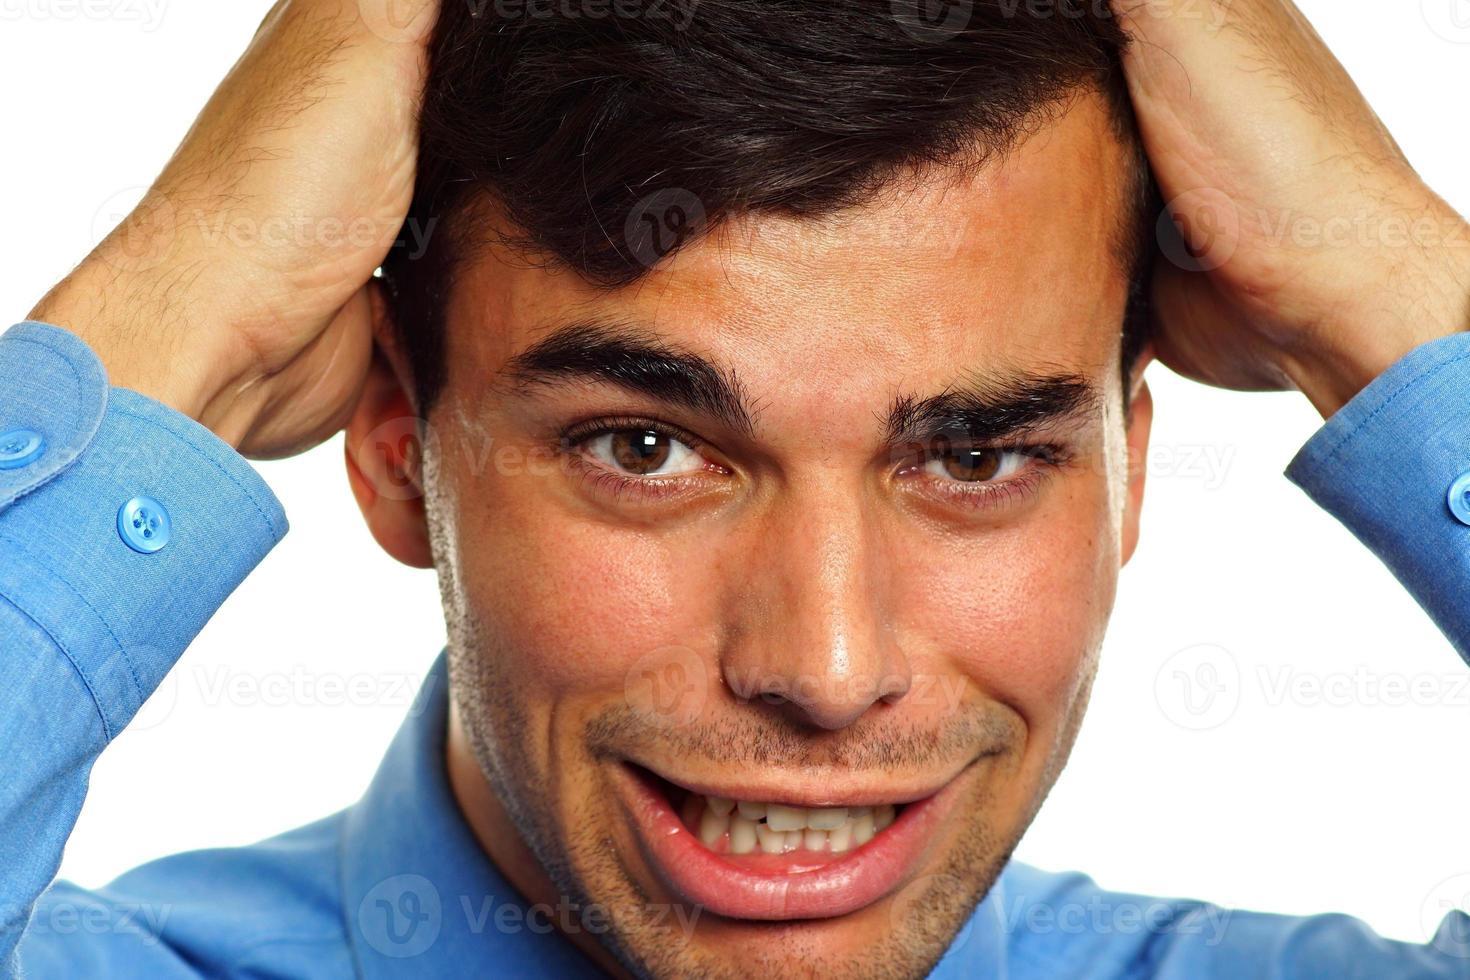 trauriger und verzweifelter Geschäftsmann foto